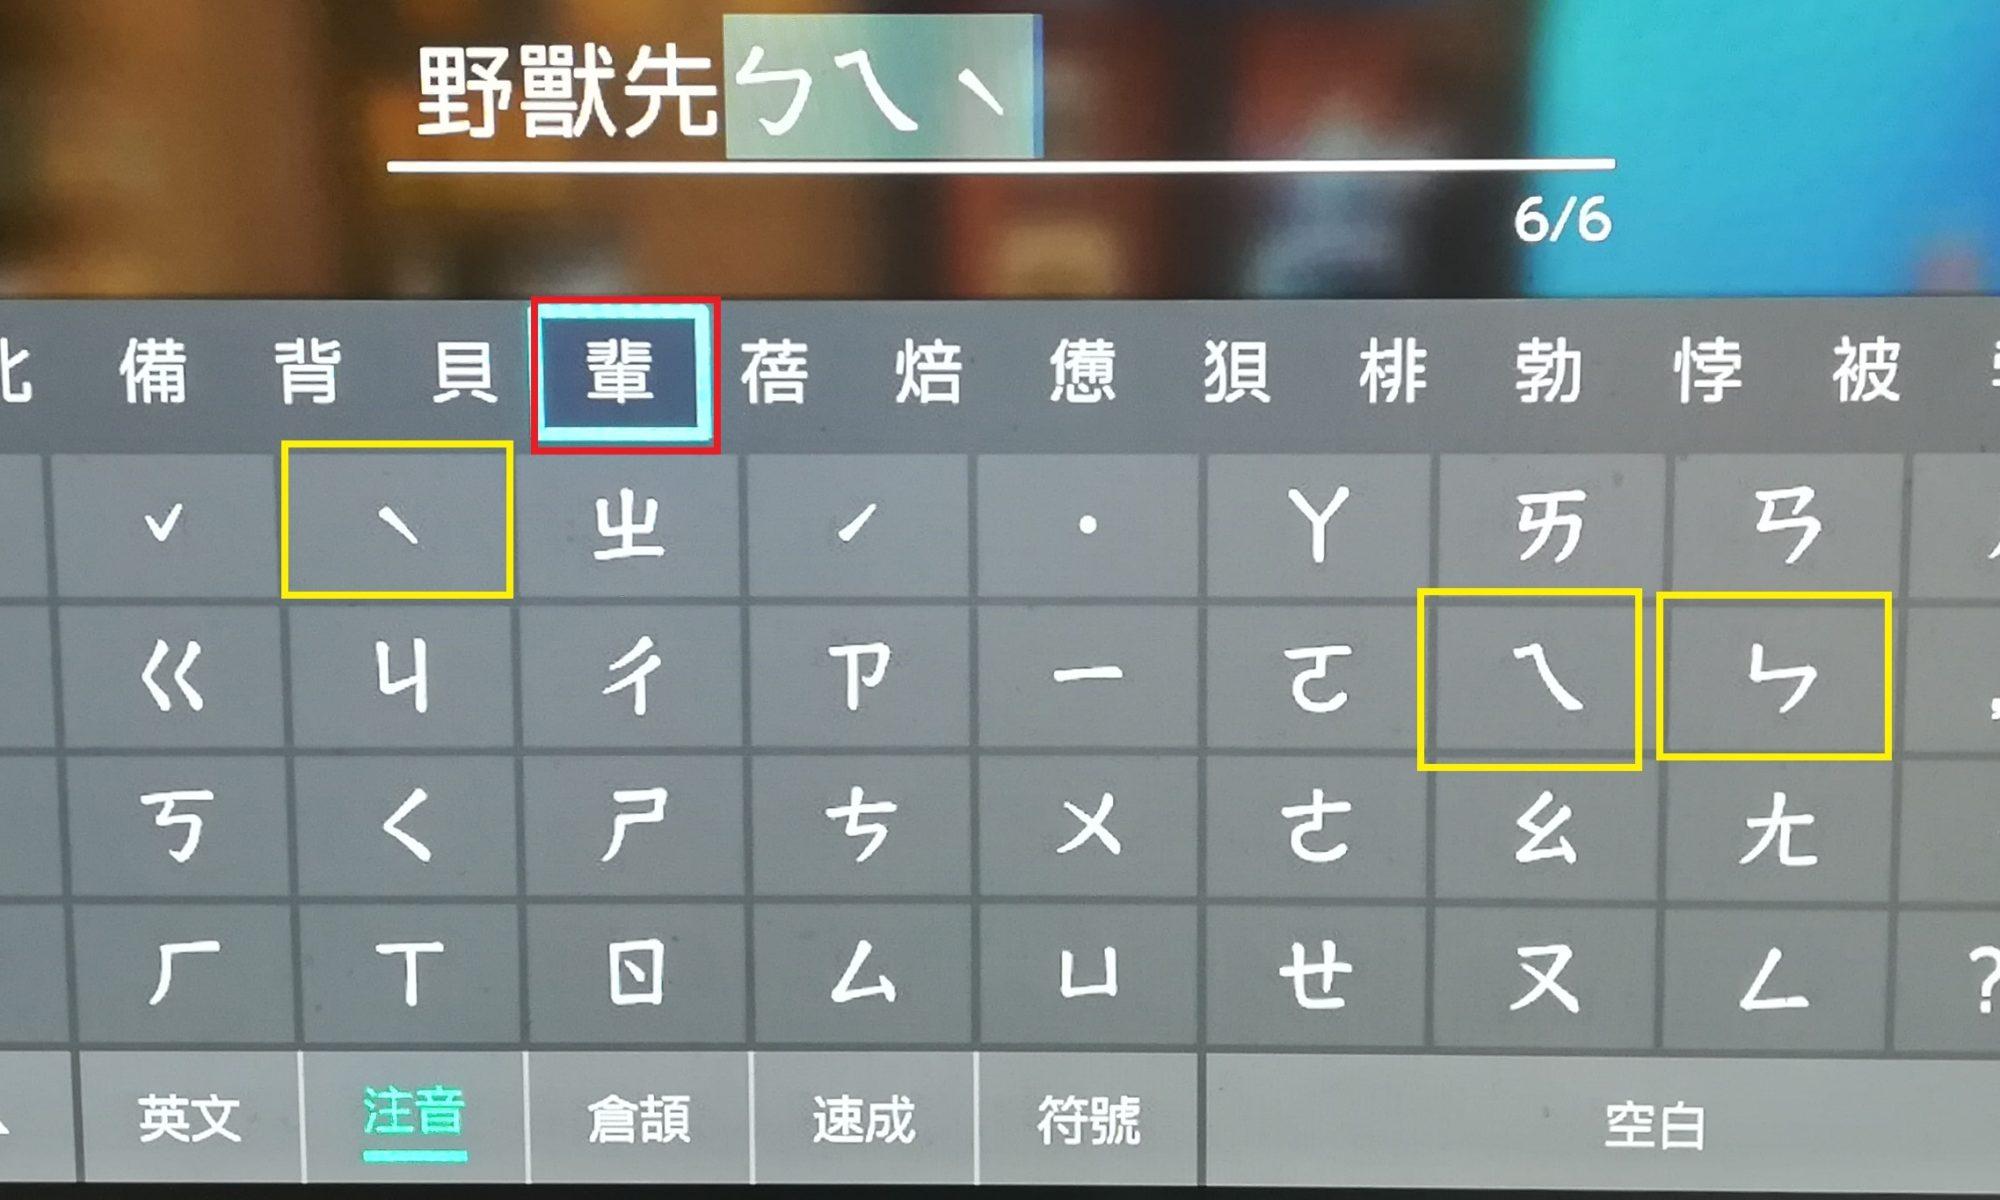 中国 語 漢字 検索